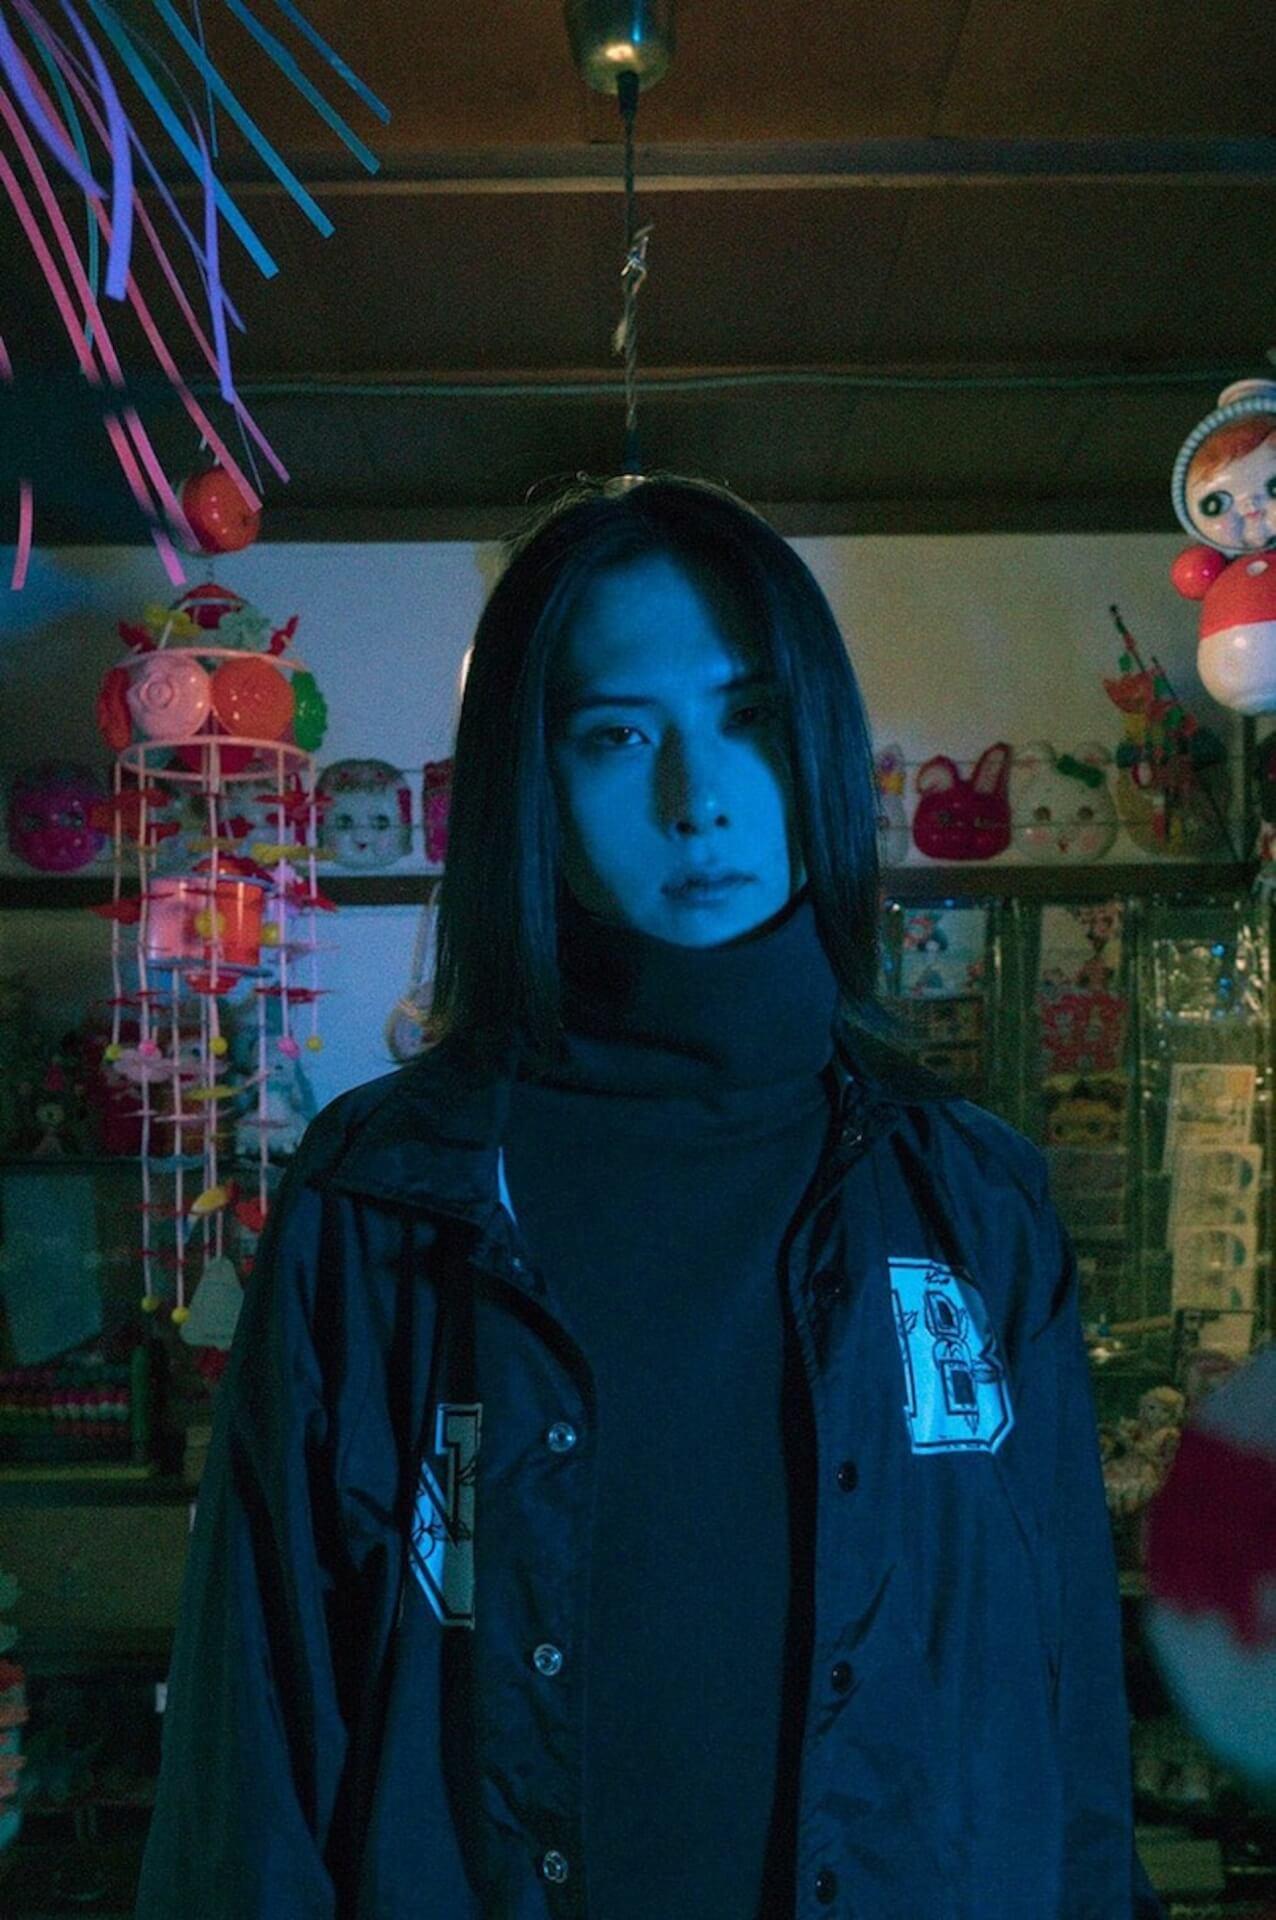 釈迦坊主、新EP『NAGOMI』リリースをついに発表 自主企画<TOKIO SHAMAN>詳細も解禁 music191223_shakabose_3